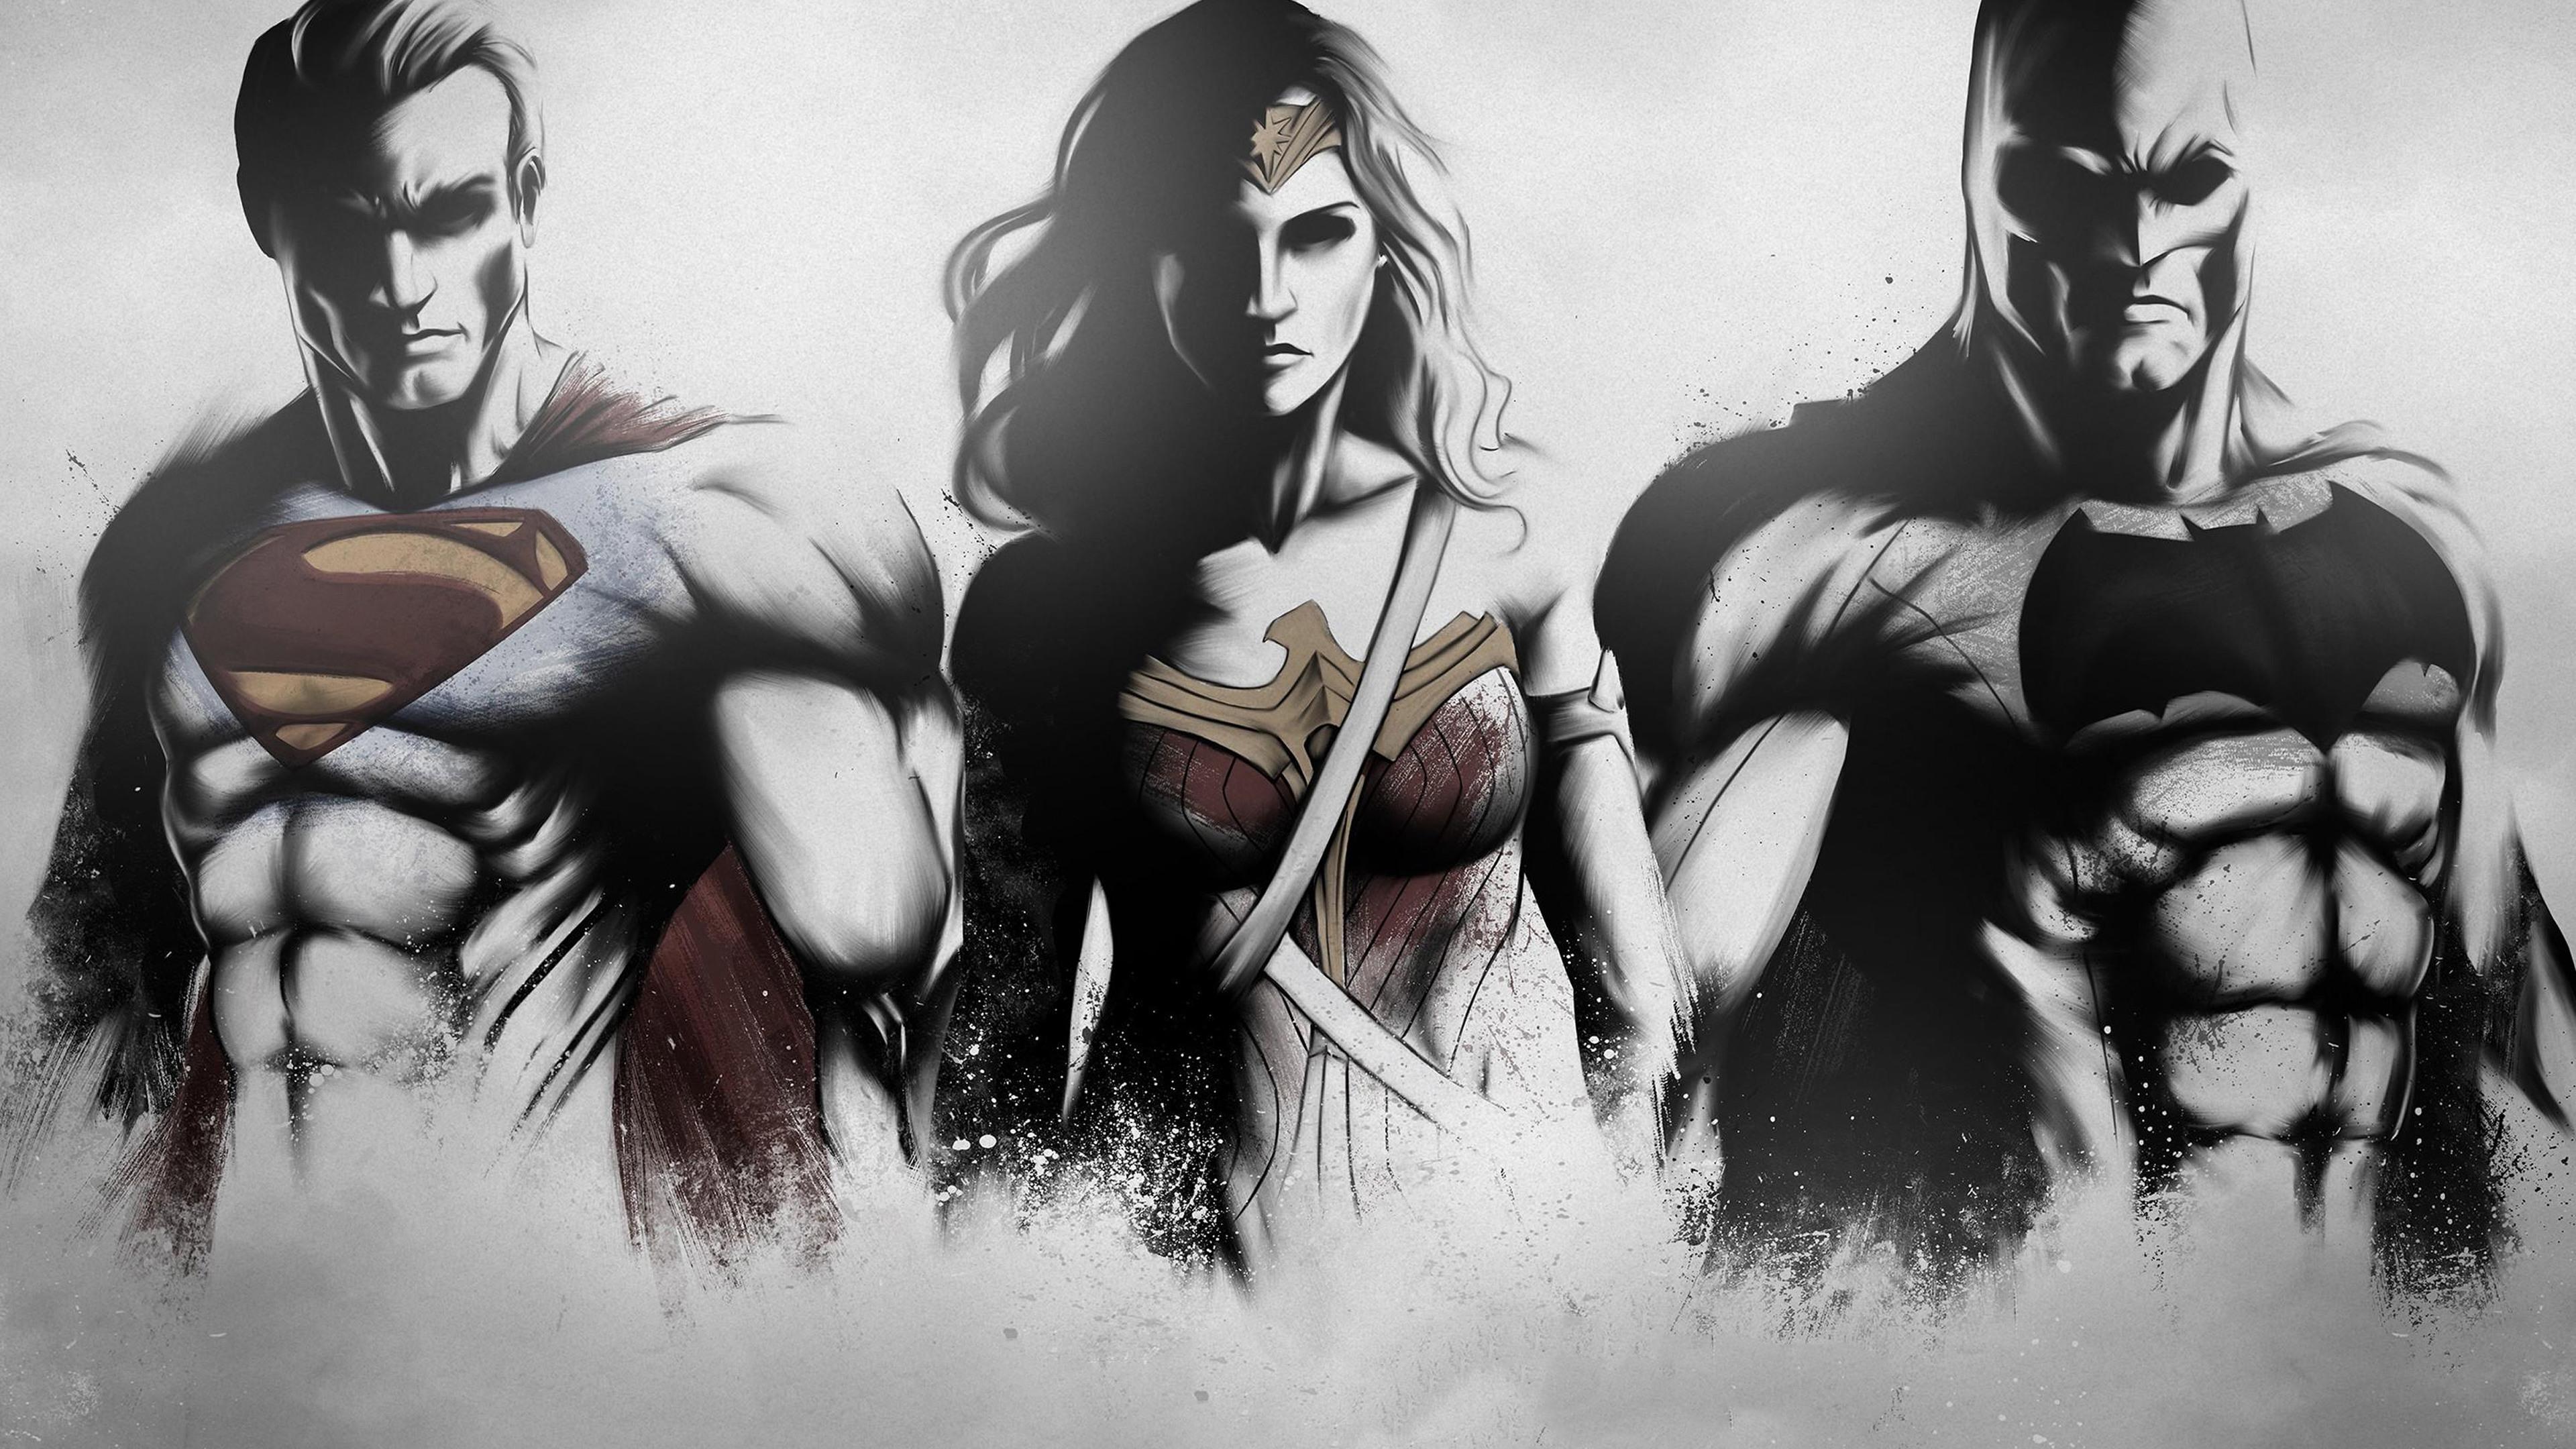 superman wonder woman batman art sketch 4k 1536507778 - Superman Wonder Woman Batman Art Sketch 4k - wonder woman wallpapers, superman wallpapers, superheroes wallpapers, sketch wallpapers, hd-wallpapers, batman wallpapers, artwork wallpapers, 4k-wallpapers